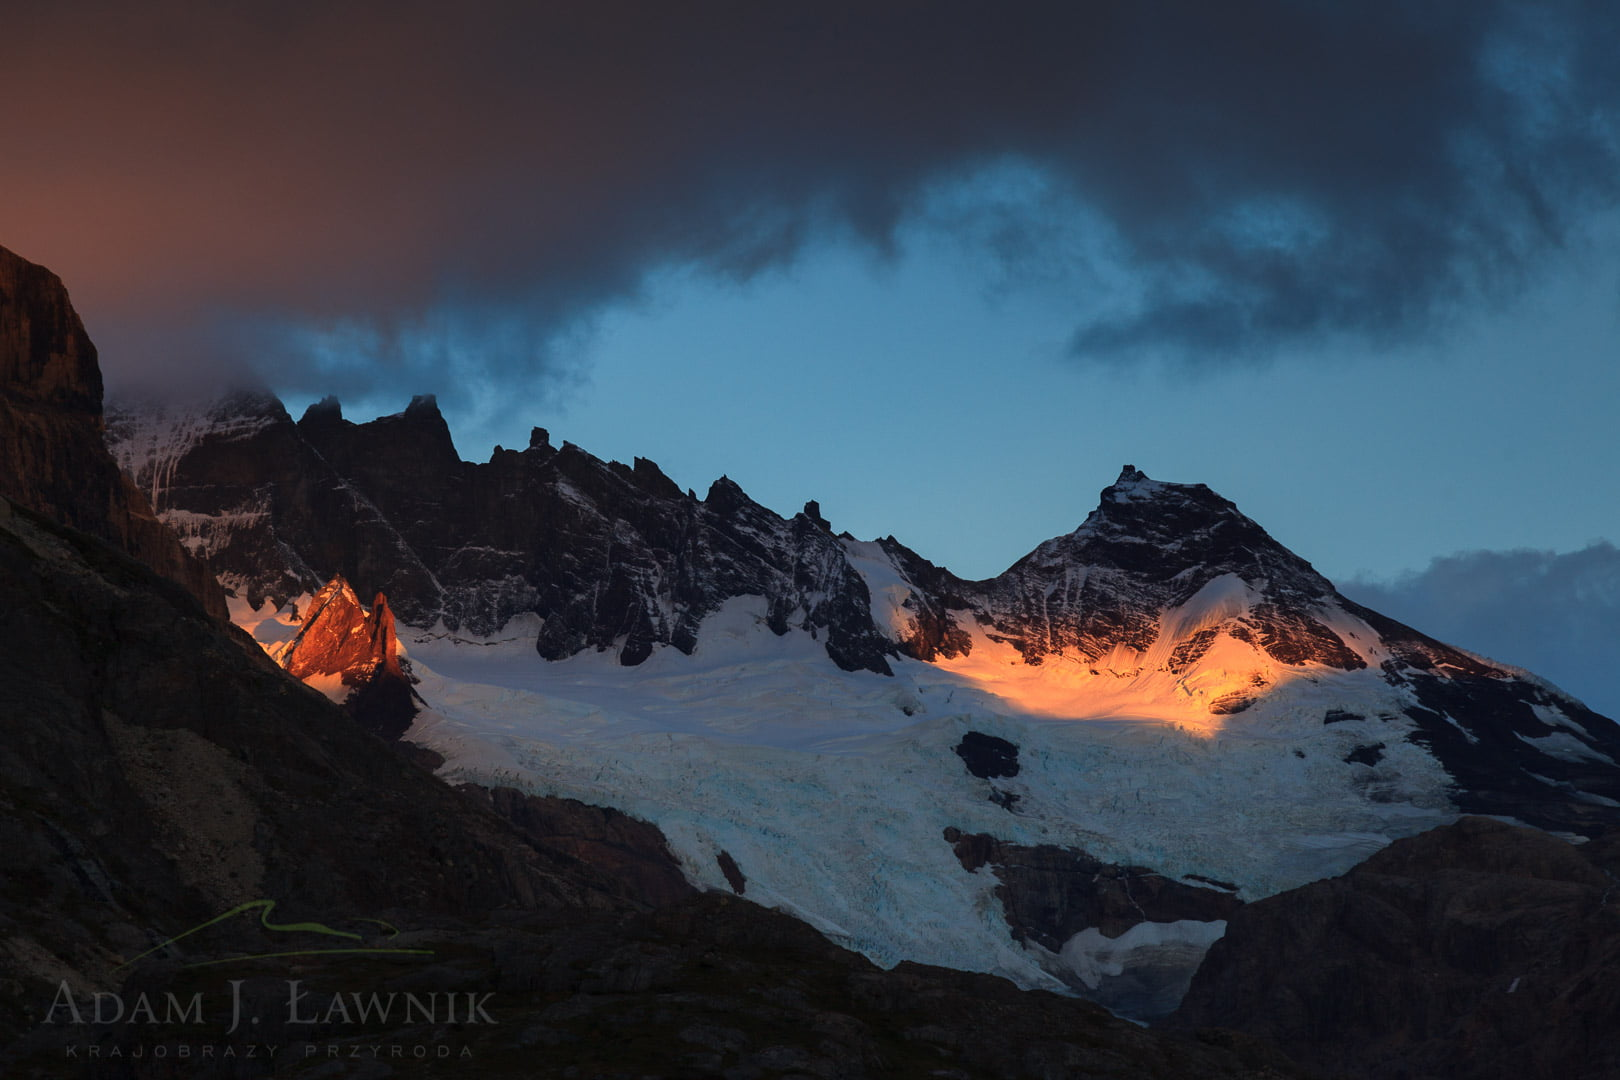 Patagonia, Argentina 1203-00674C